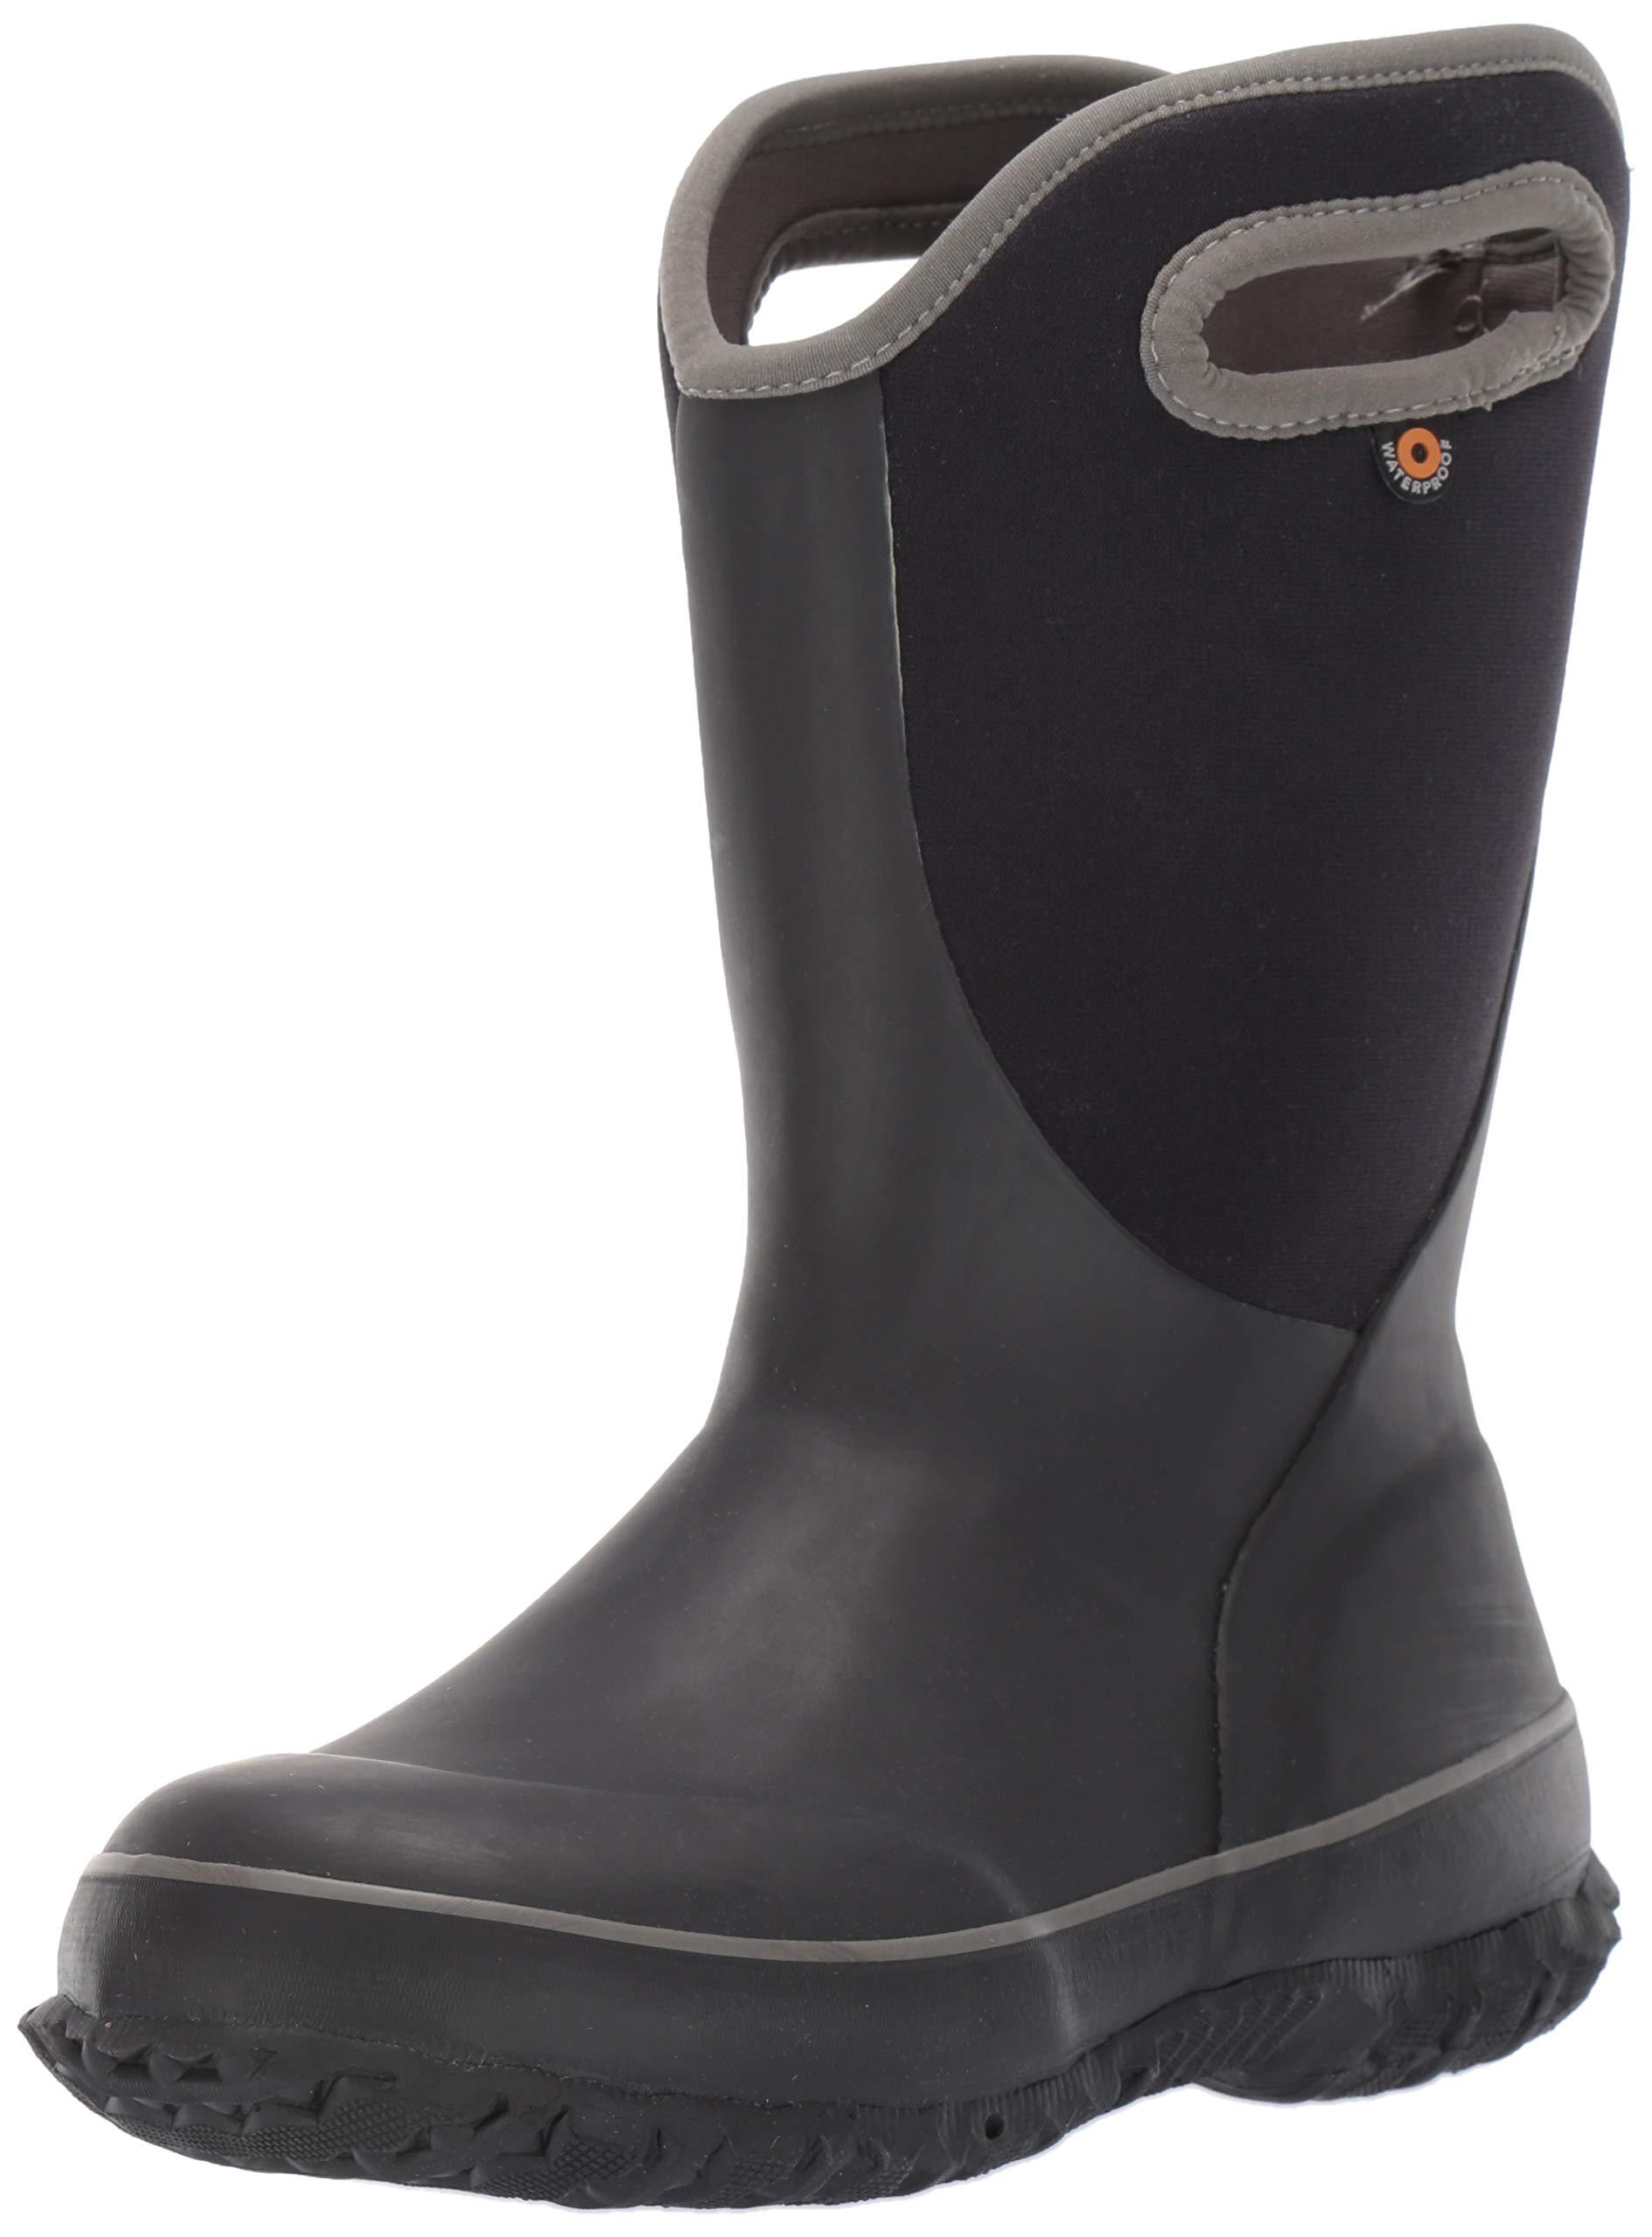 Bogs Unisex Slushie Snow Boot, Solid Black/Multi, 5 Medium US Big Kid by Bogs (Image #1)